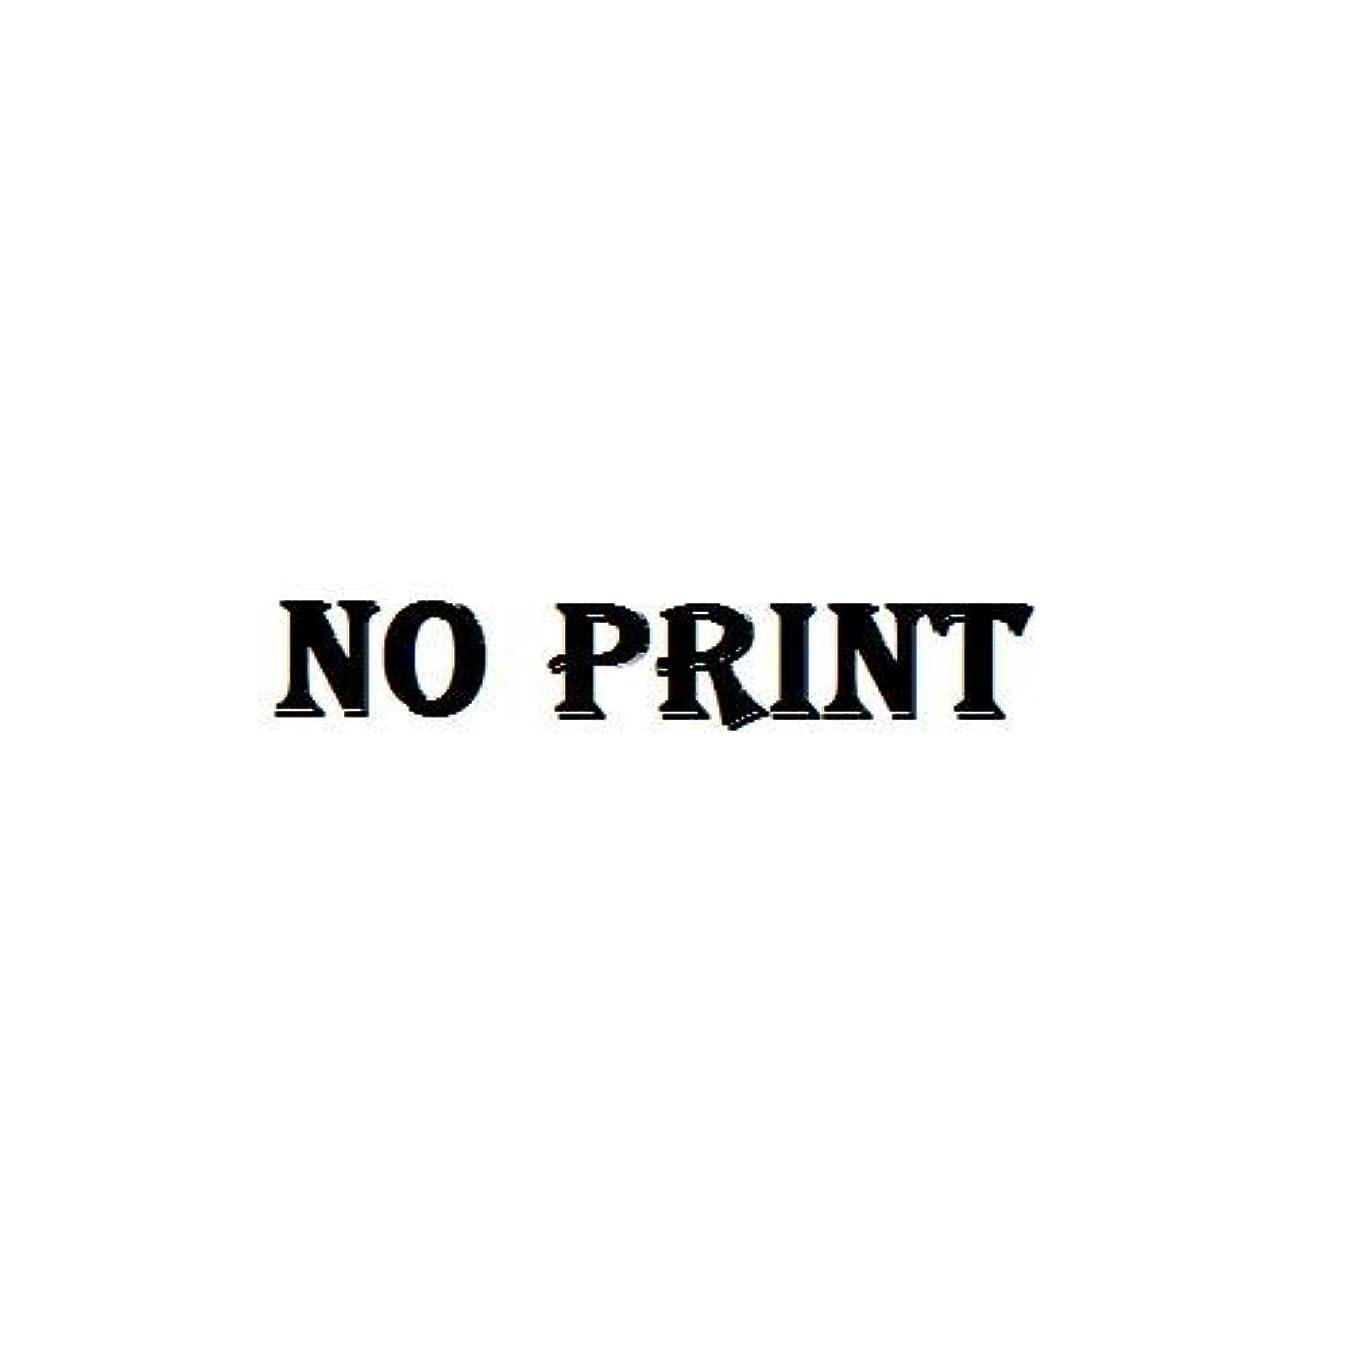 お気に入りバインドアルカトラズ島オニクリップ巻き爪ケア 専用ラウンドニッパー /8-8275-14